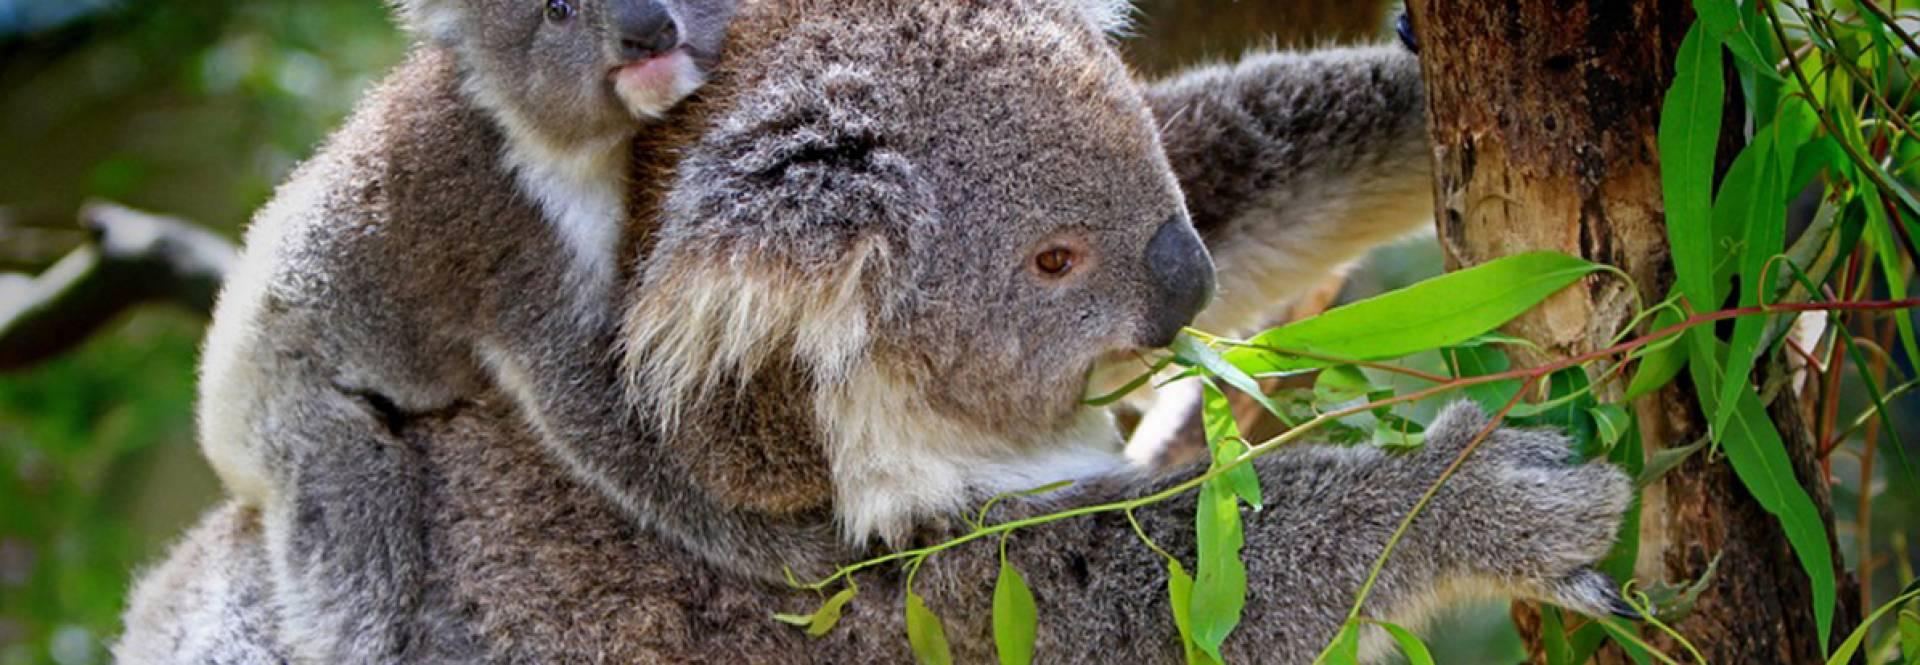 Cinco curiosidades sobre os coalas